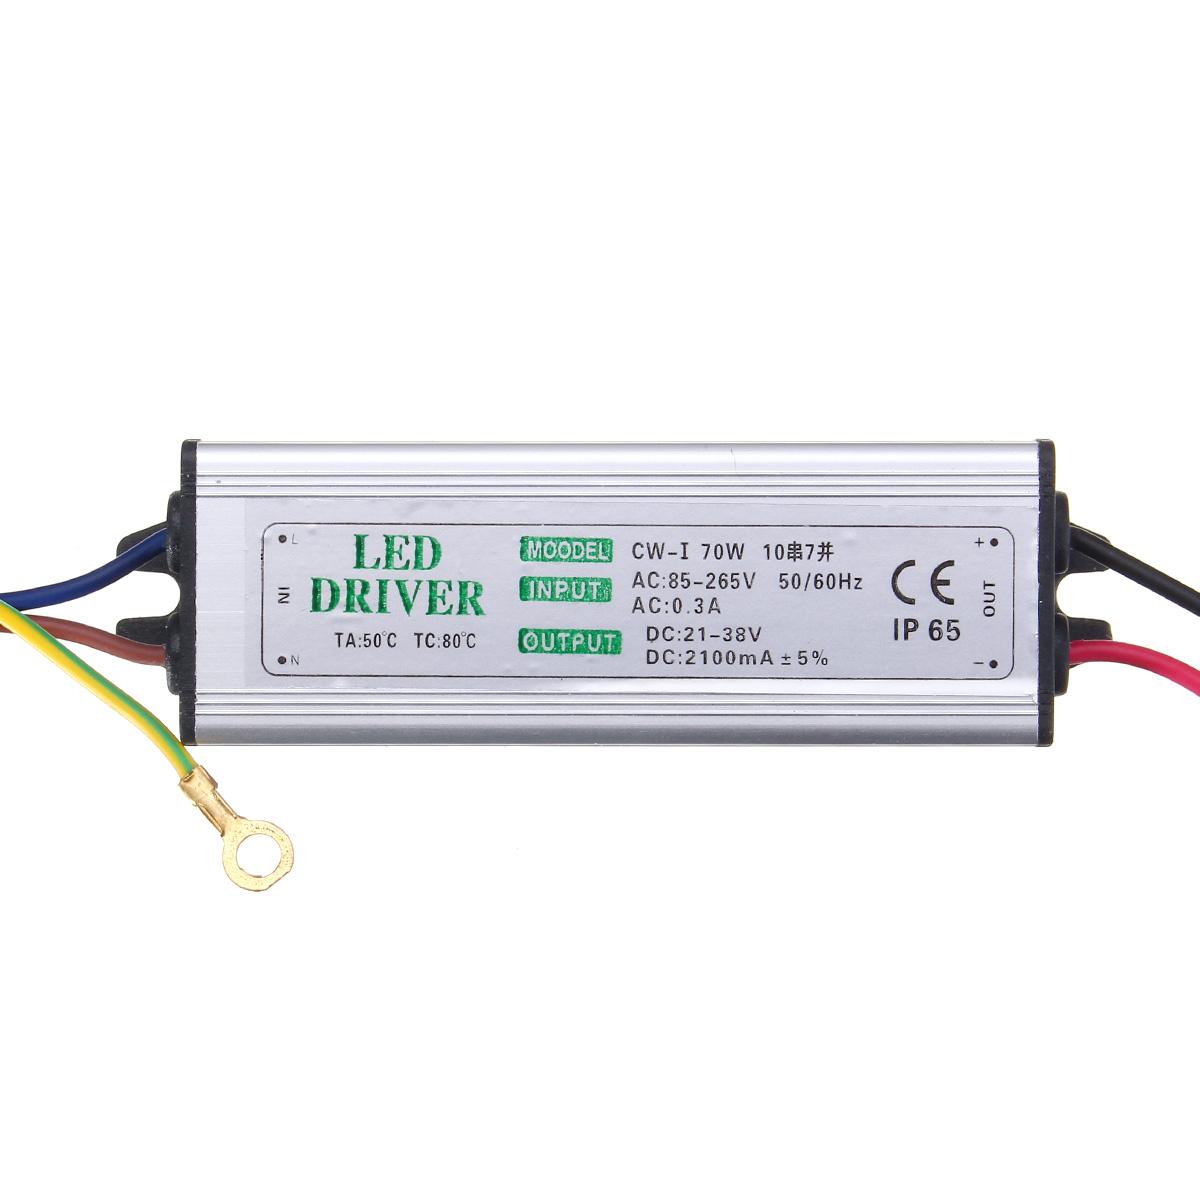 10W 20W 30W 50W 100W Waterproof High Power Supply LED Driver AC85-265V